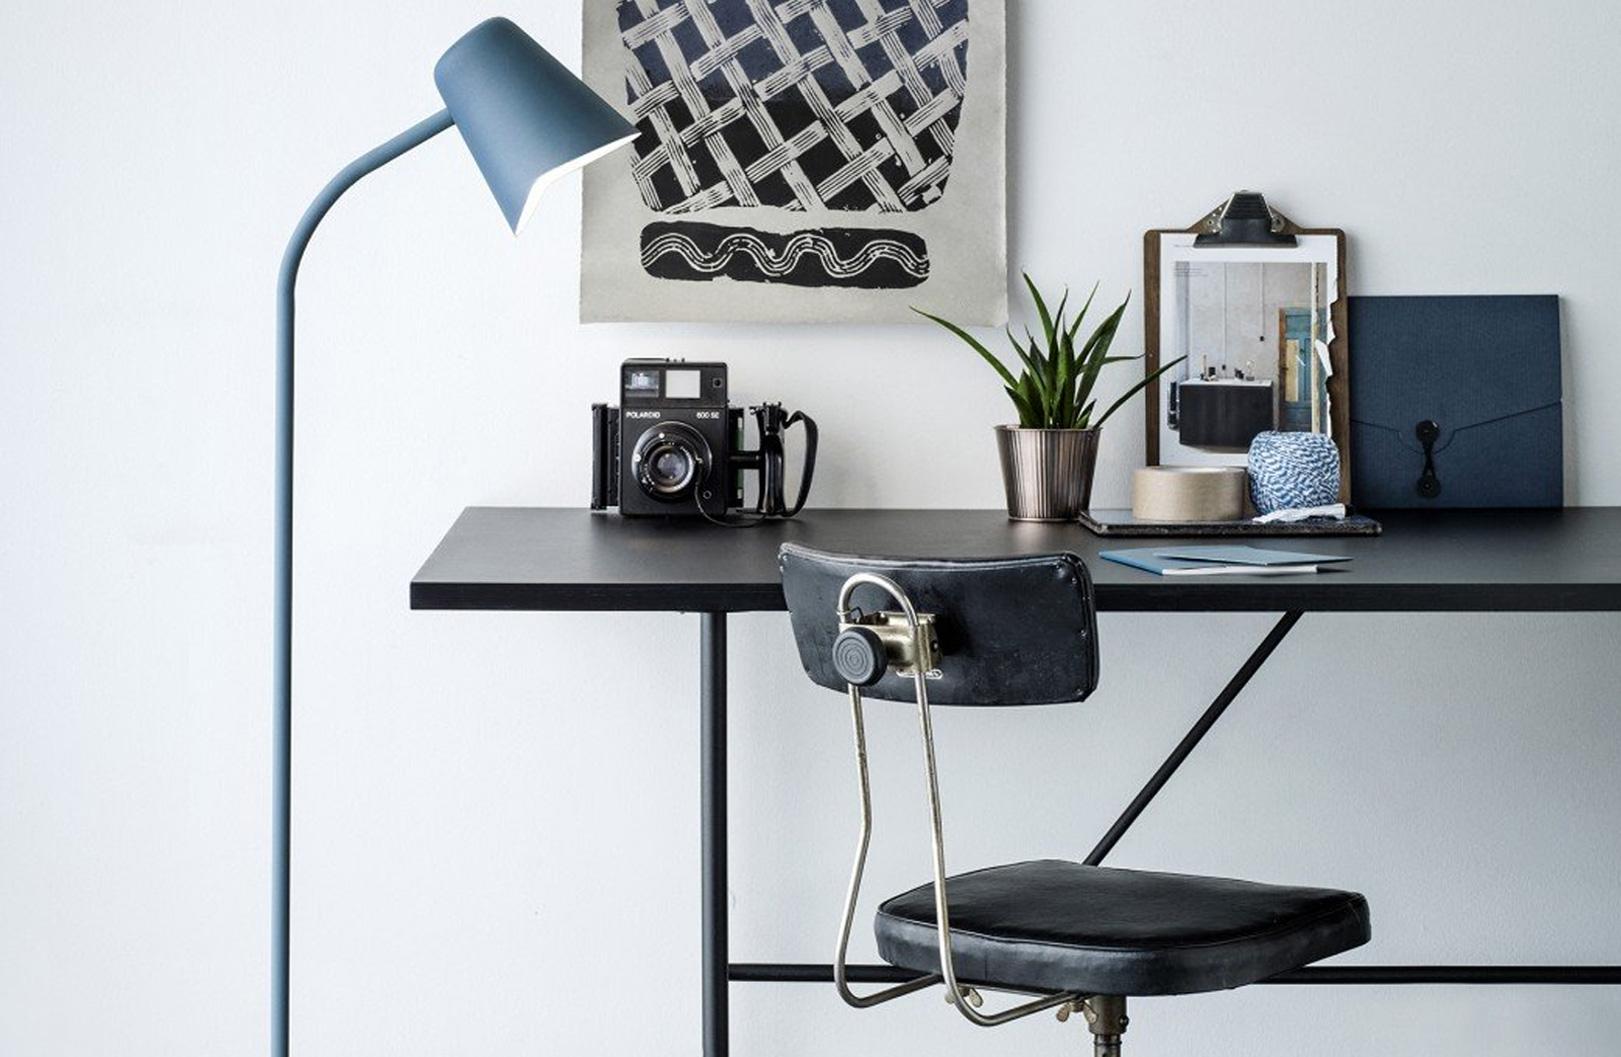 Vendita e acquisto di mobili usati in ticino mobili online for Vendita di mobili online